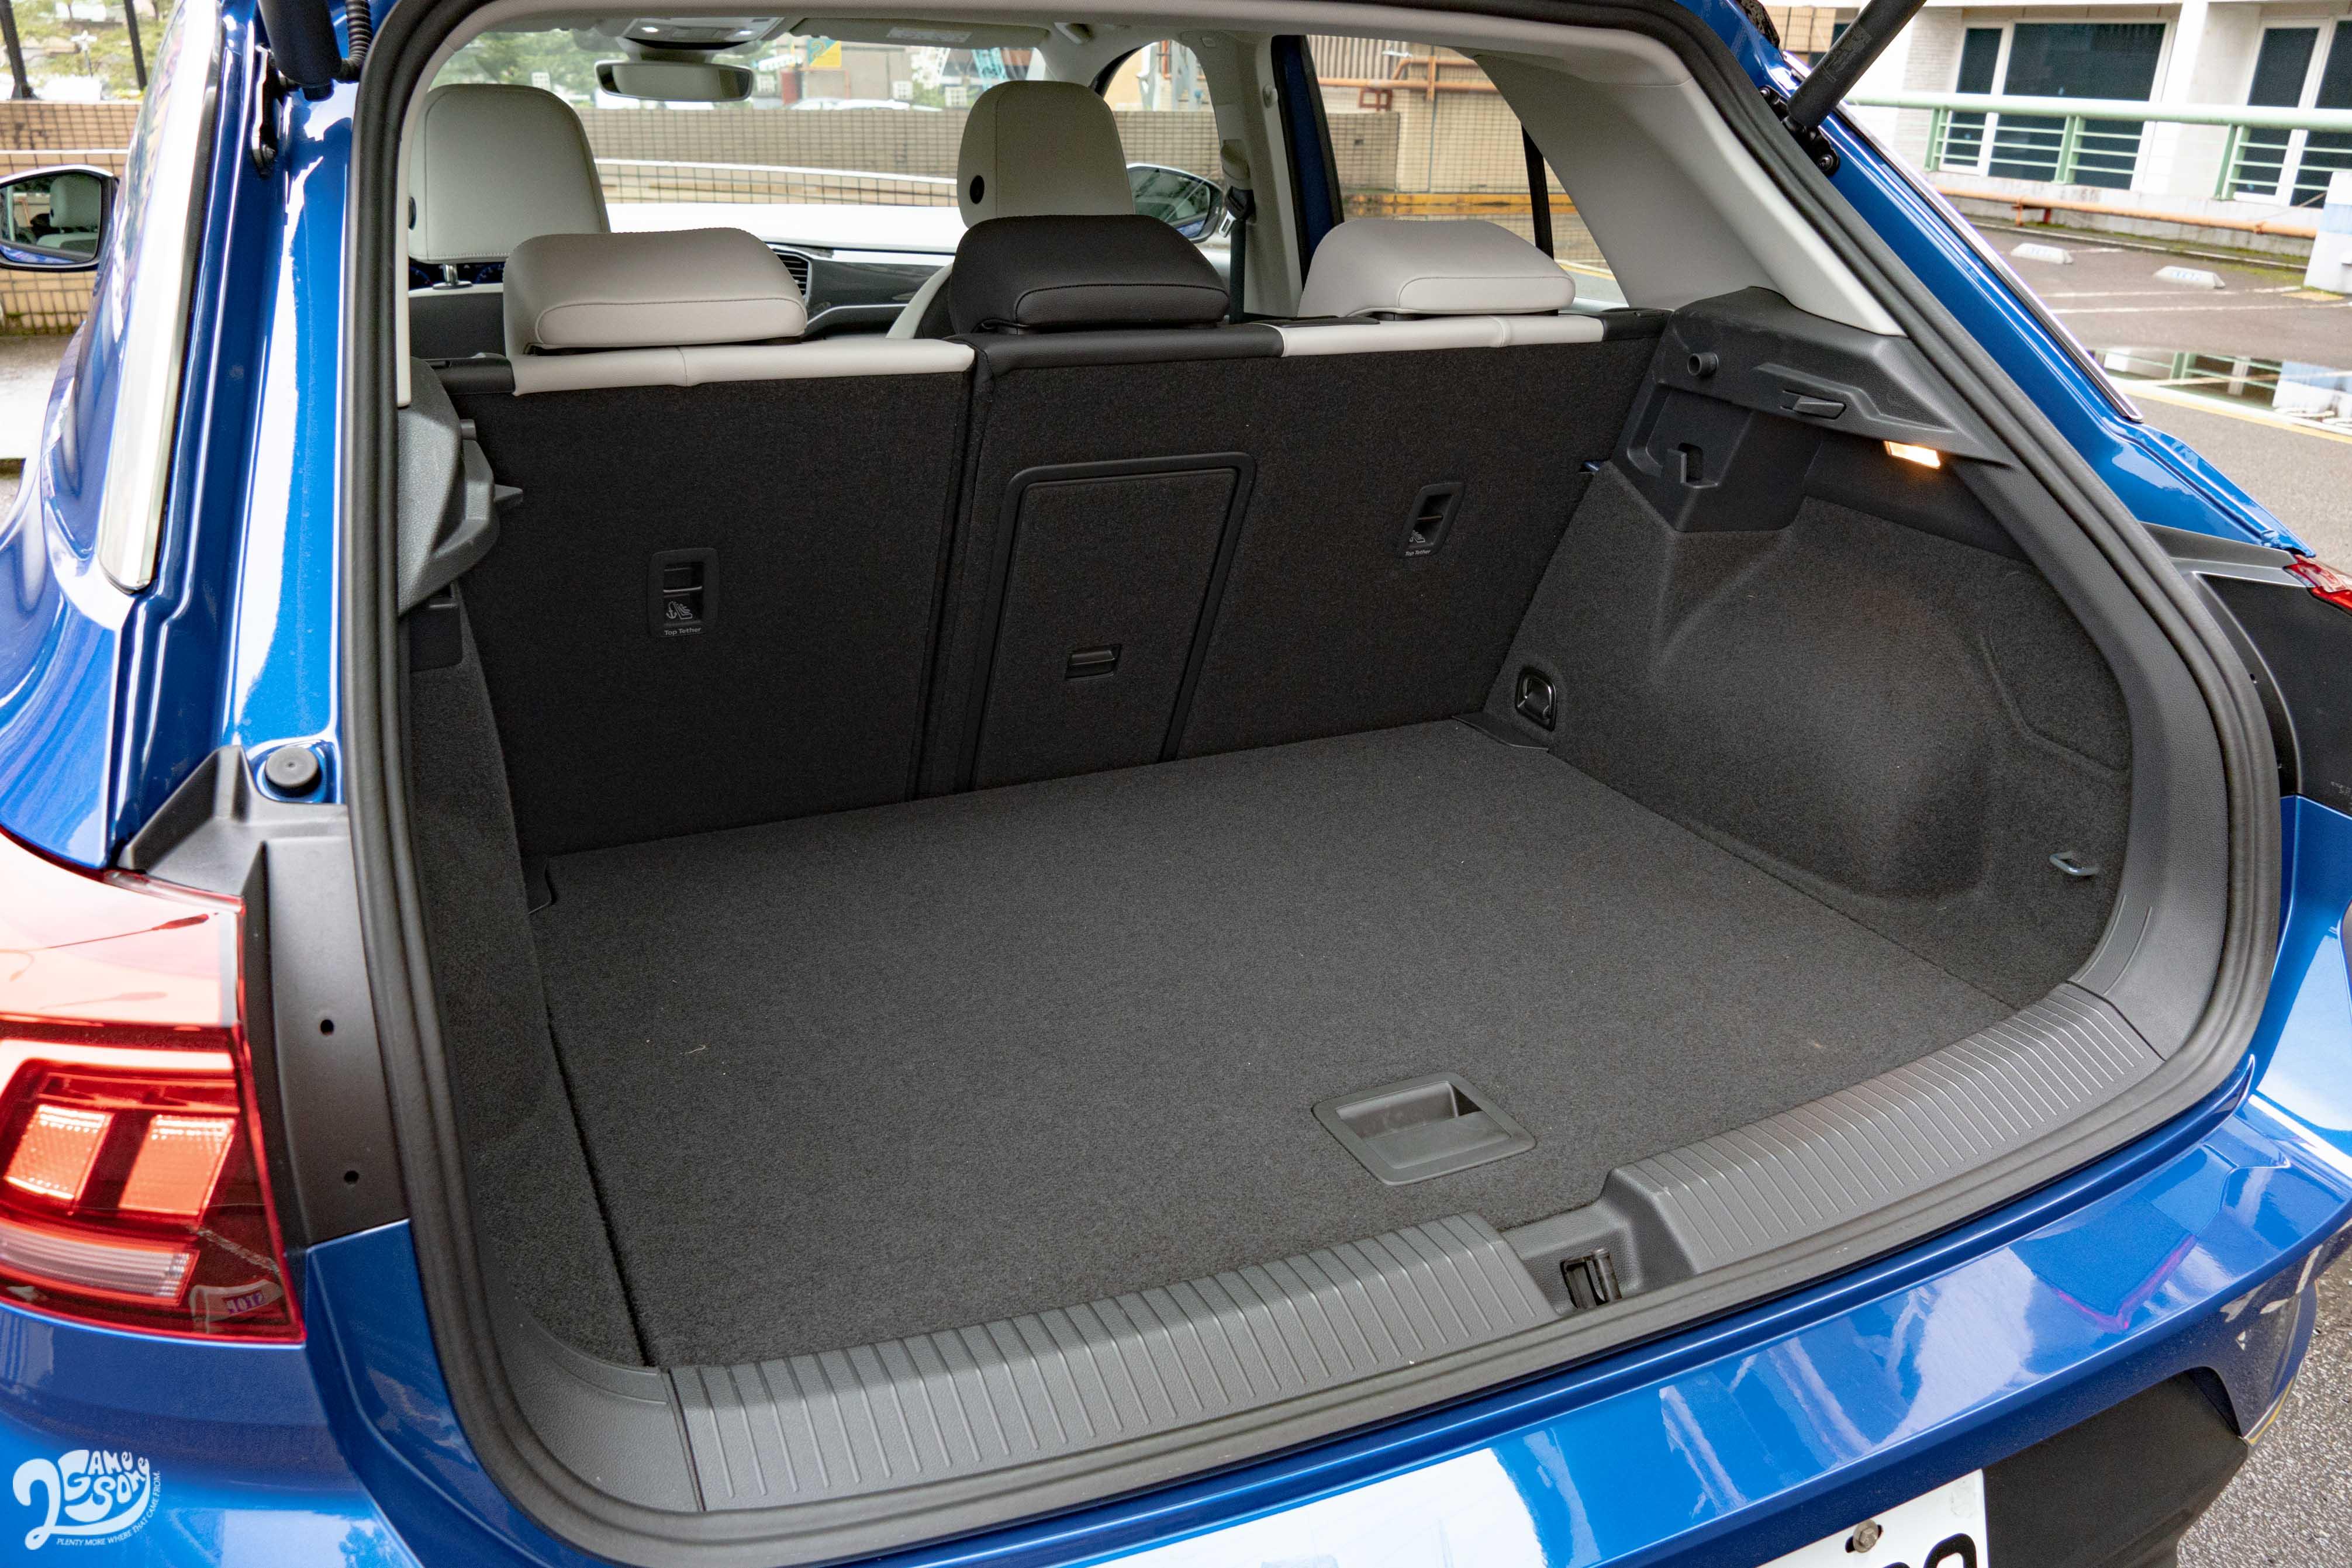 標準乘坐狀態下後廂容積為 445 公升。